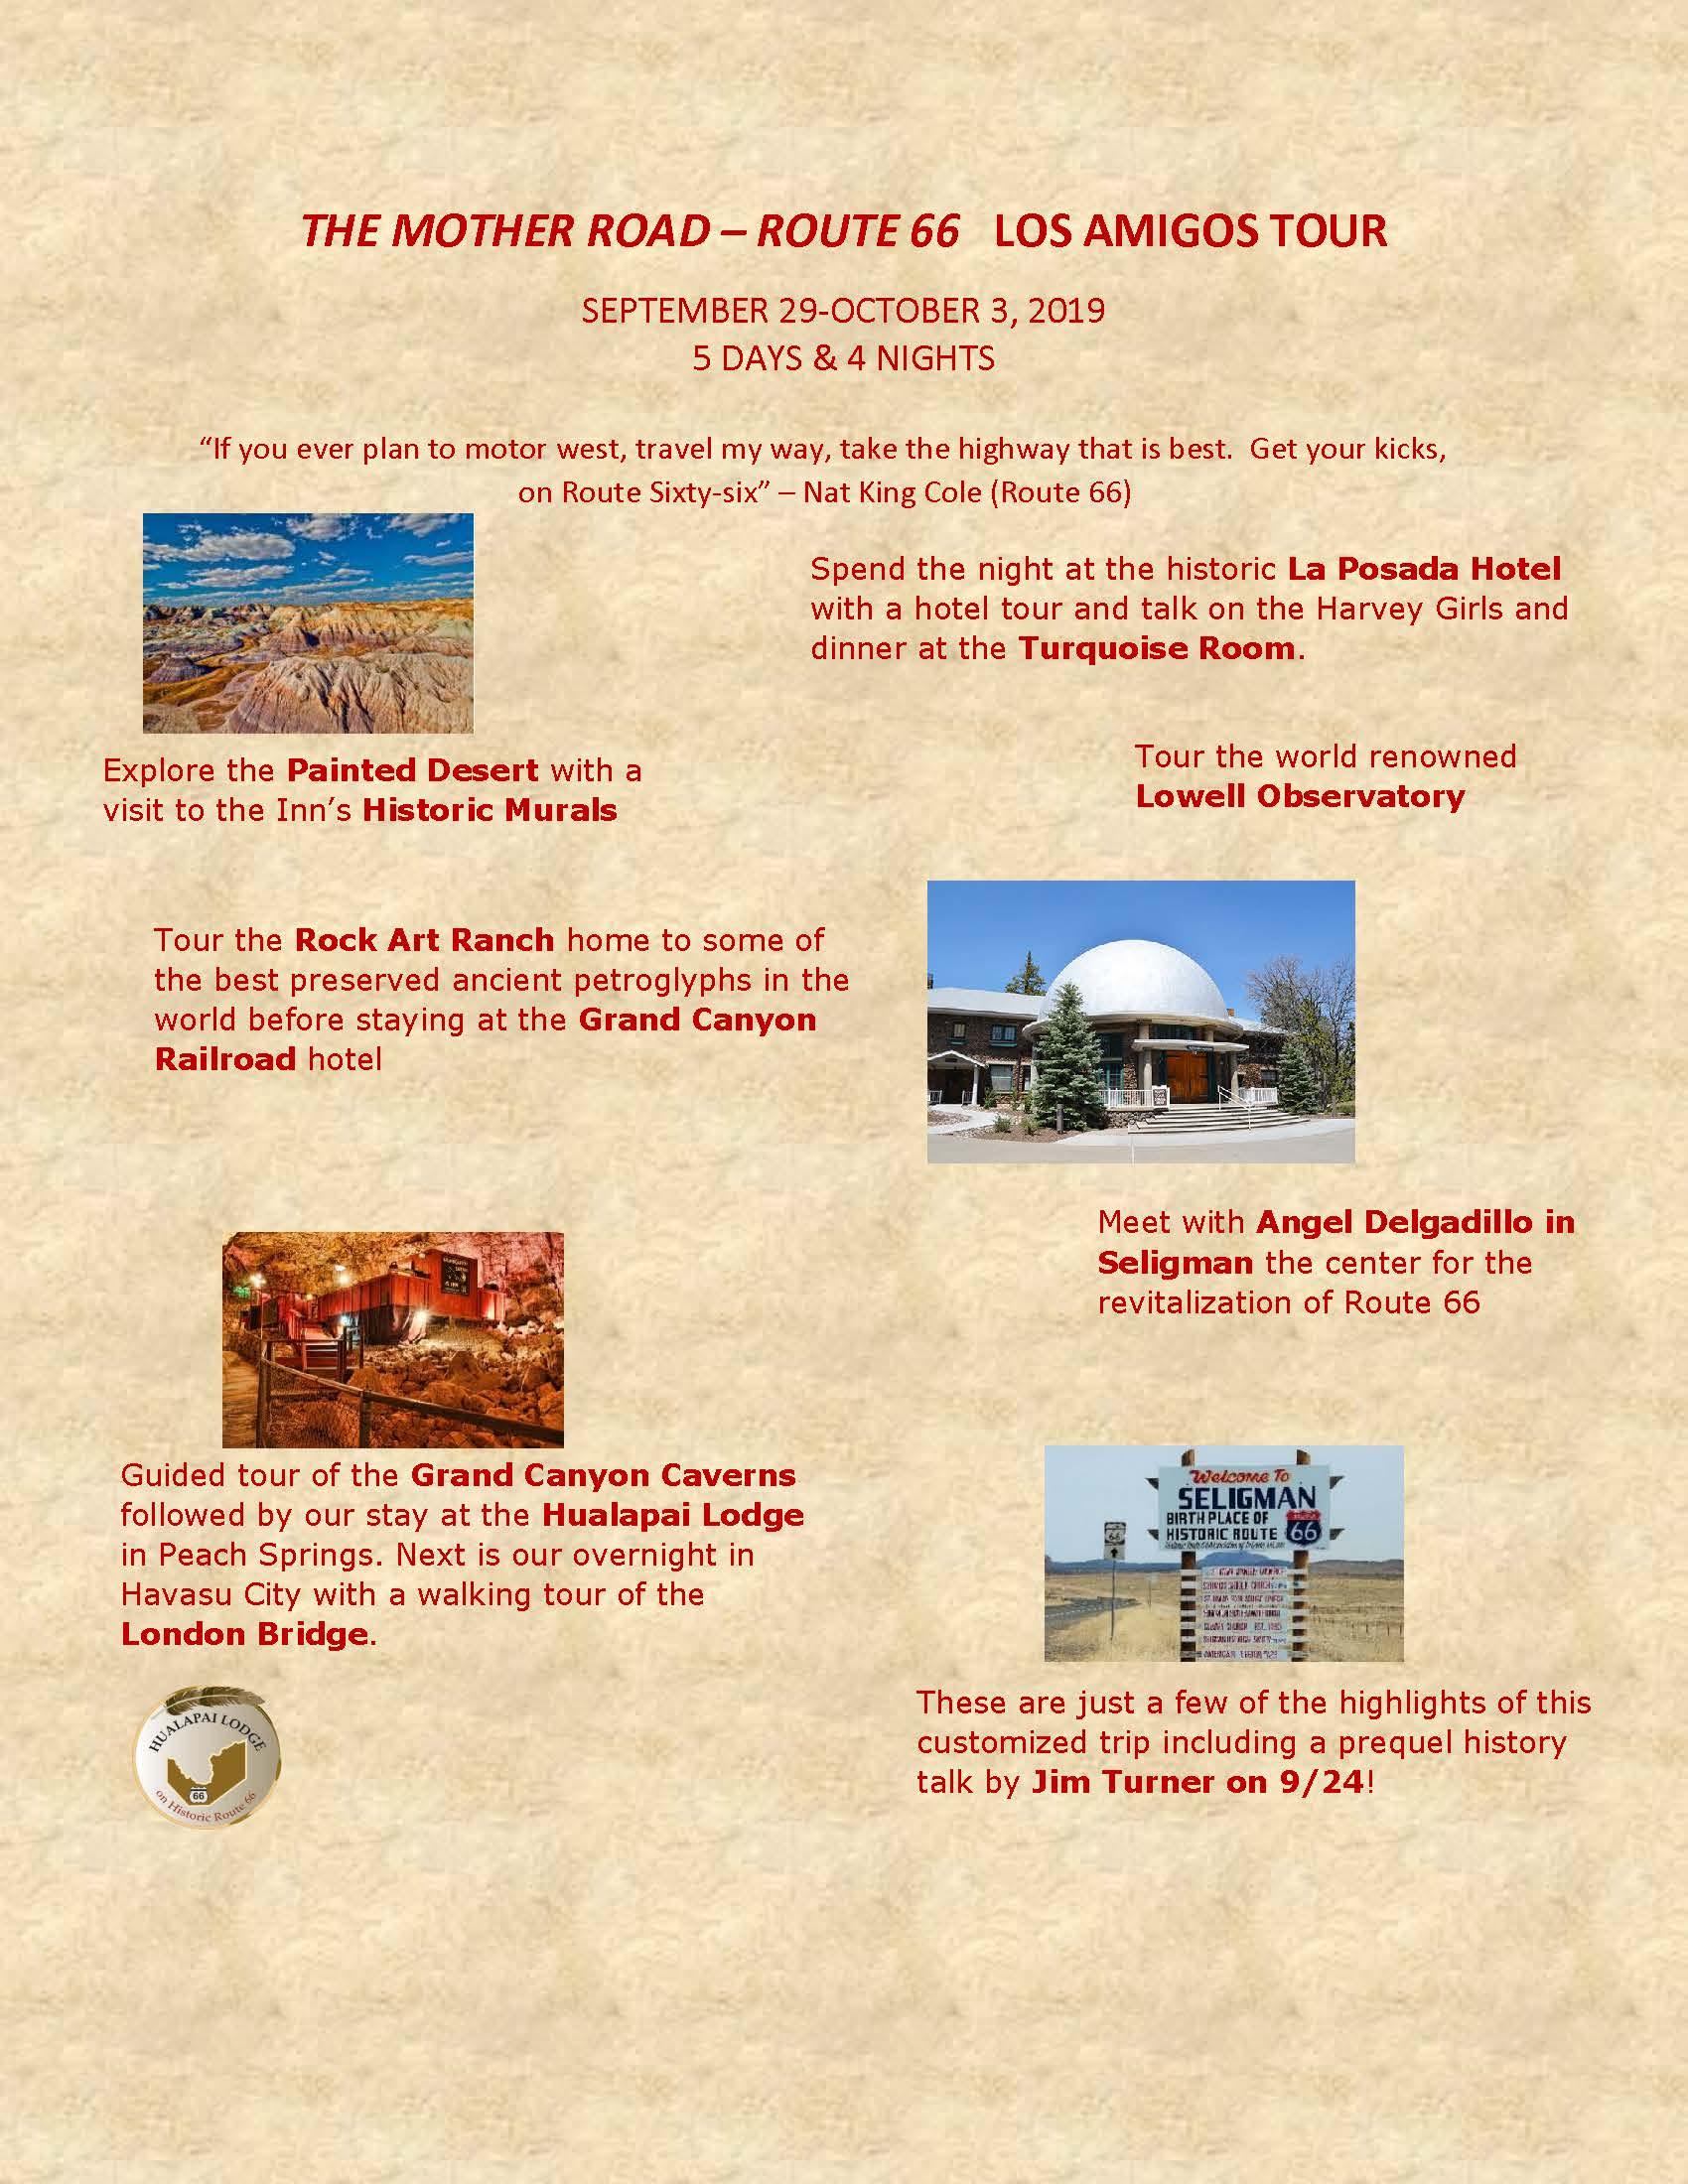 Arizona History Museum - Arizona Historical Society